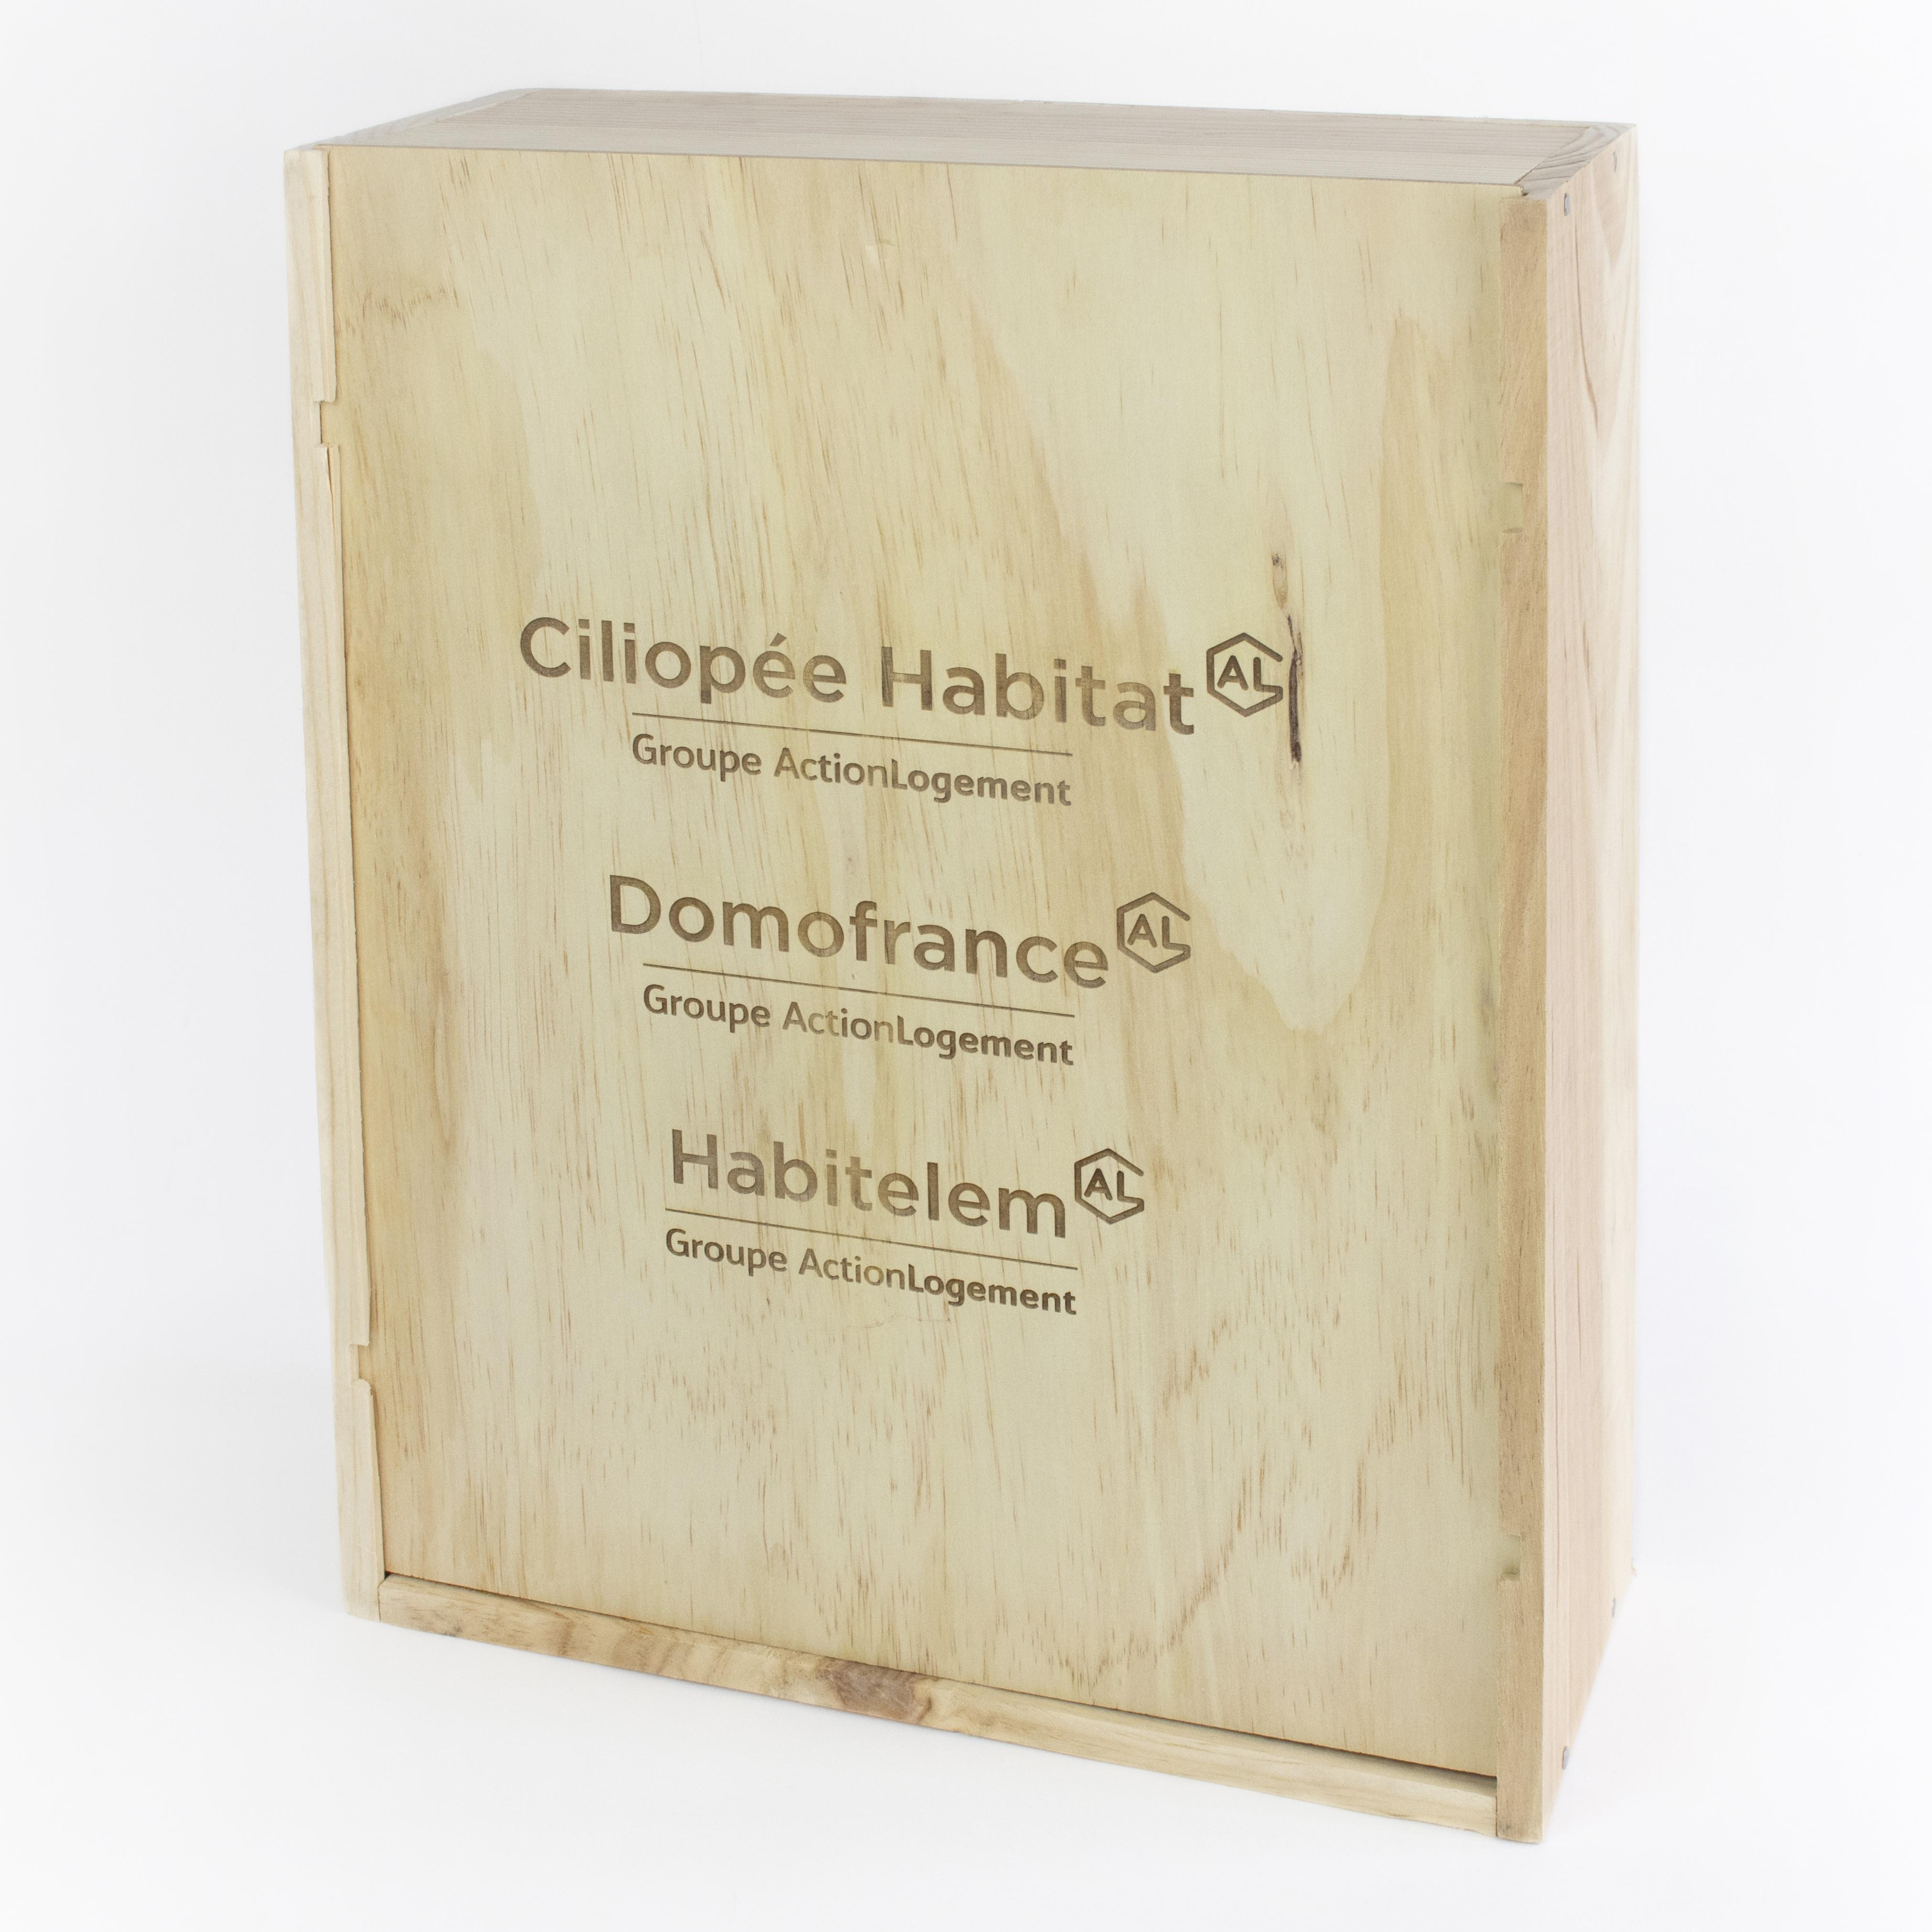 Coffret personnalisé Ciliopée habitat domofrance habitelem.jpg